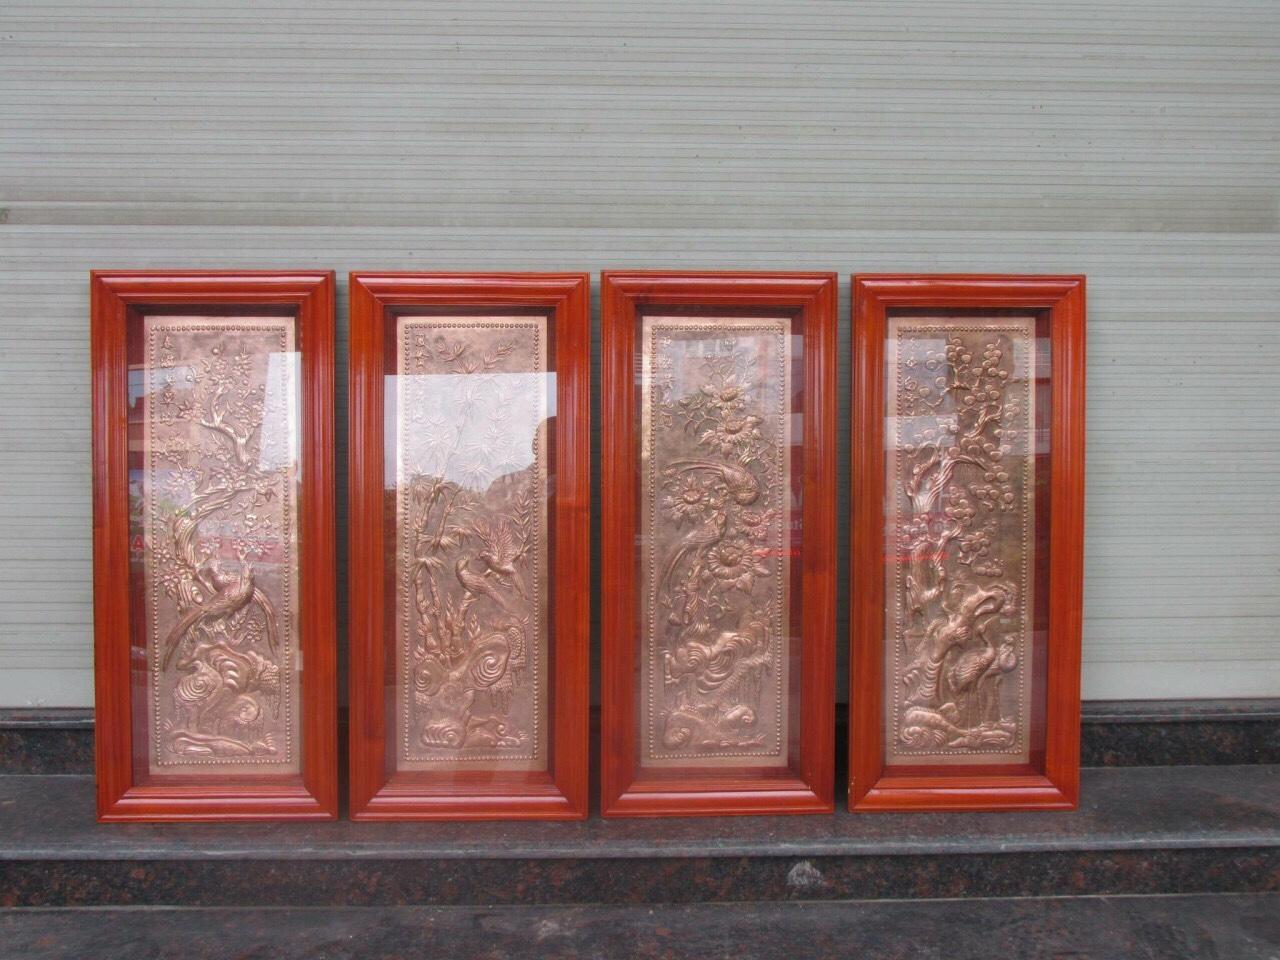 Tranh đồng tứ quý bằng đồng trang trí nội thất